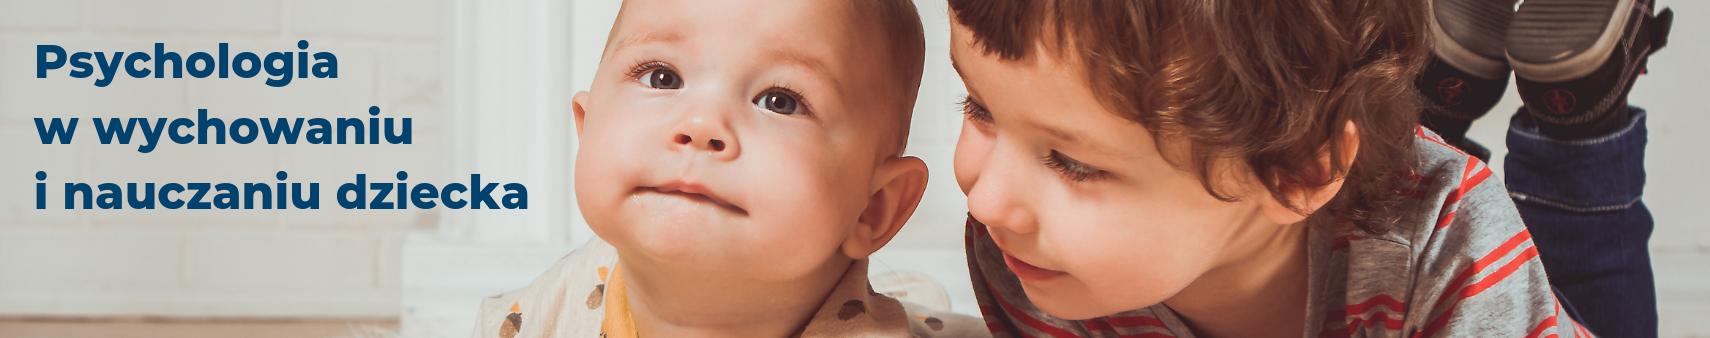 <b>Psychologia w wychowaniu i nauczaniu dziecka</b>